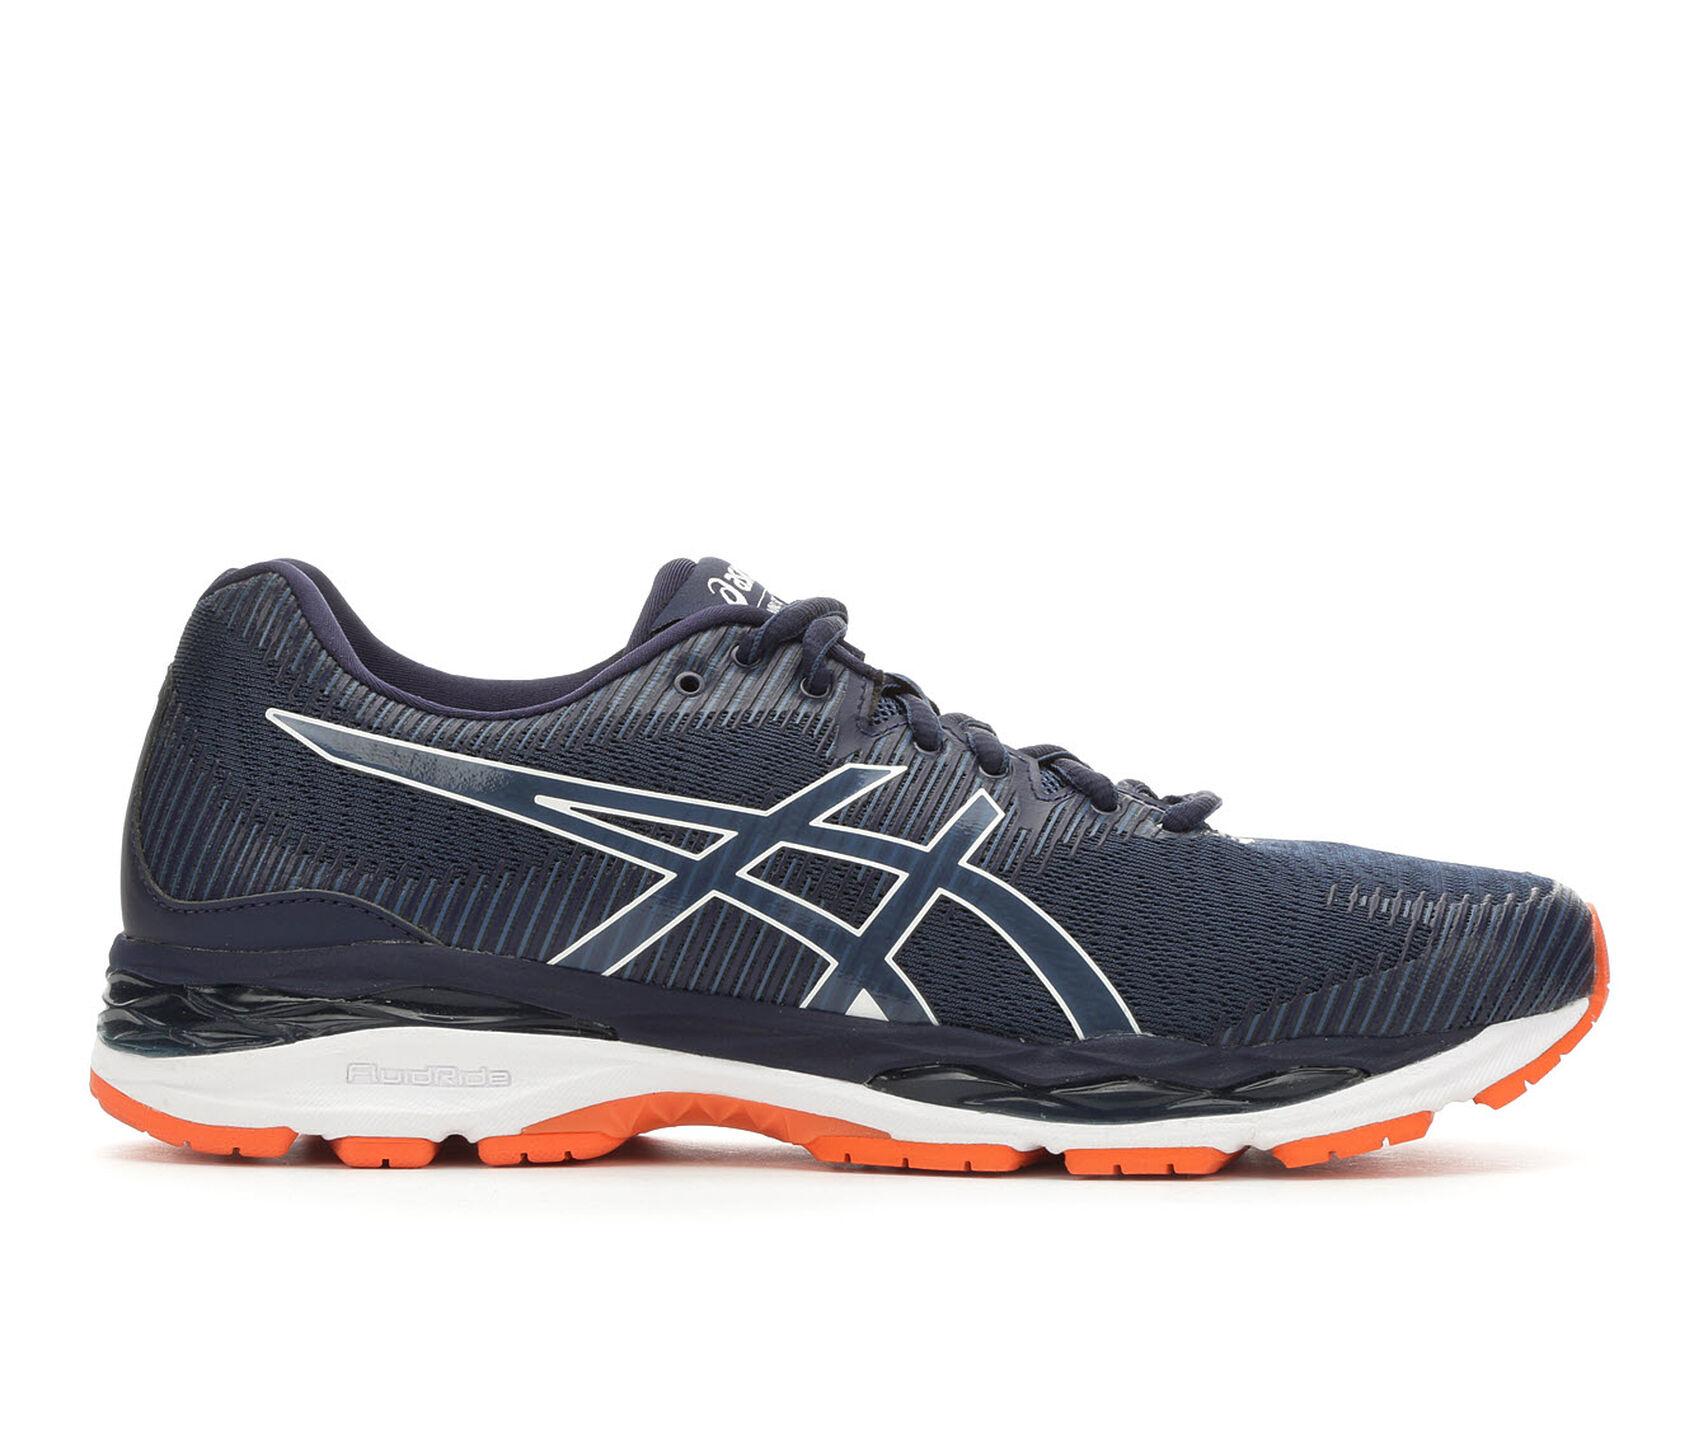 couleurs et frappant jolie et colorée collection de remise Men's ASICS Gel Ziruss Running Shoes